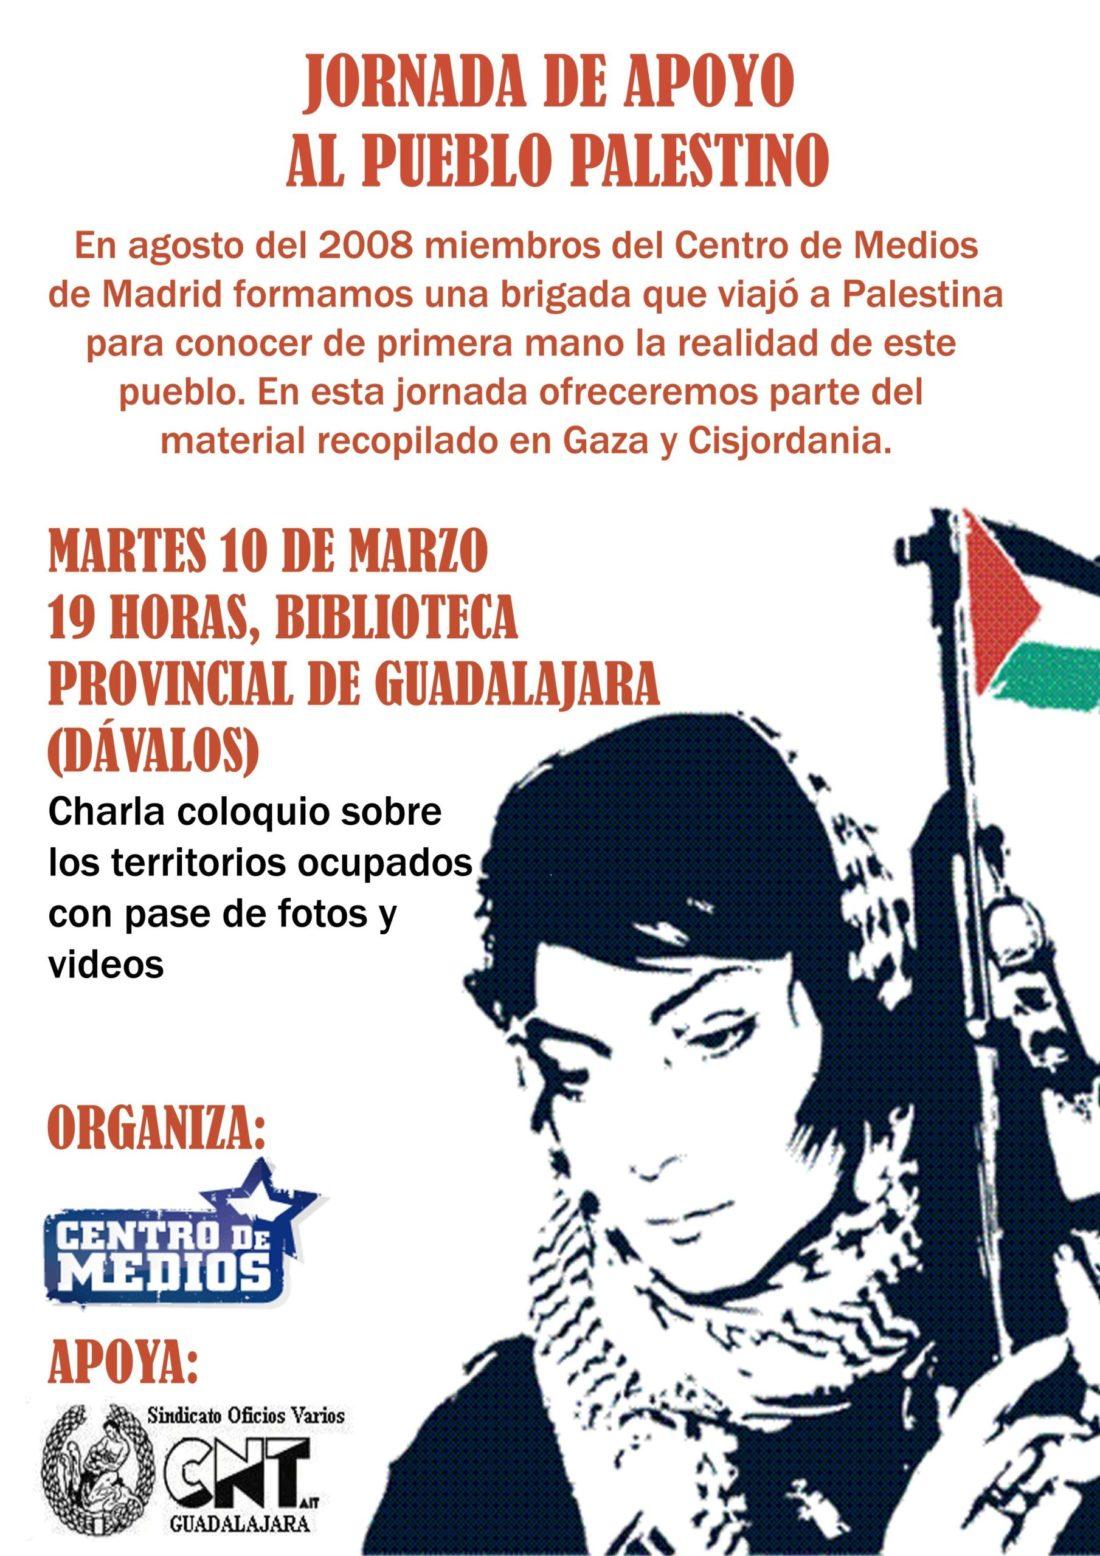 Guadalajara: Video-exposicion Sobre la Situacion en Palestina por el CENTRO DE MEDIOS